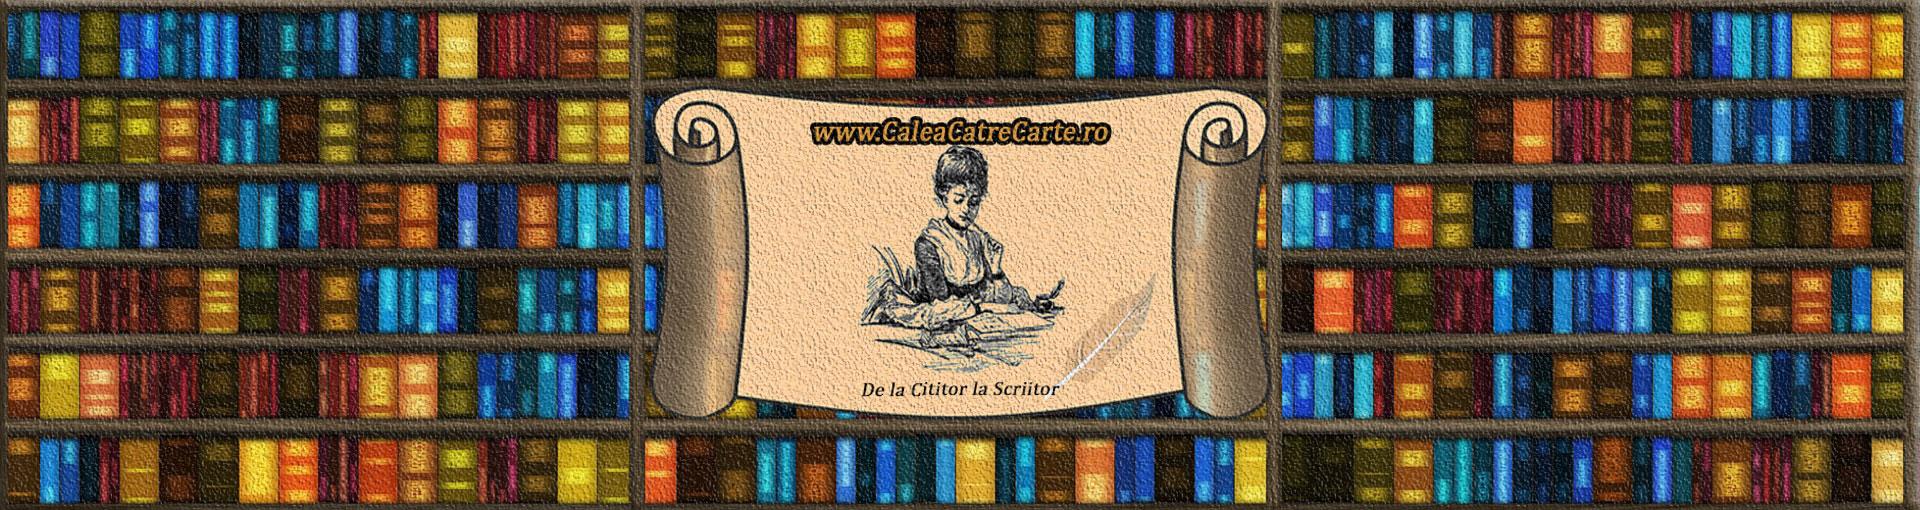 CaleaCatreCarte - de la Cititor la Scriitor